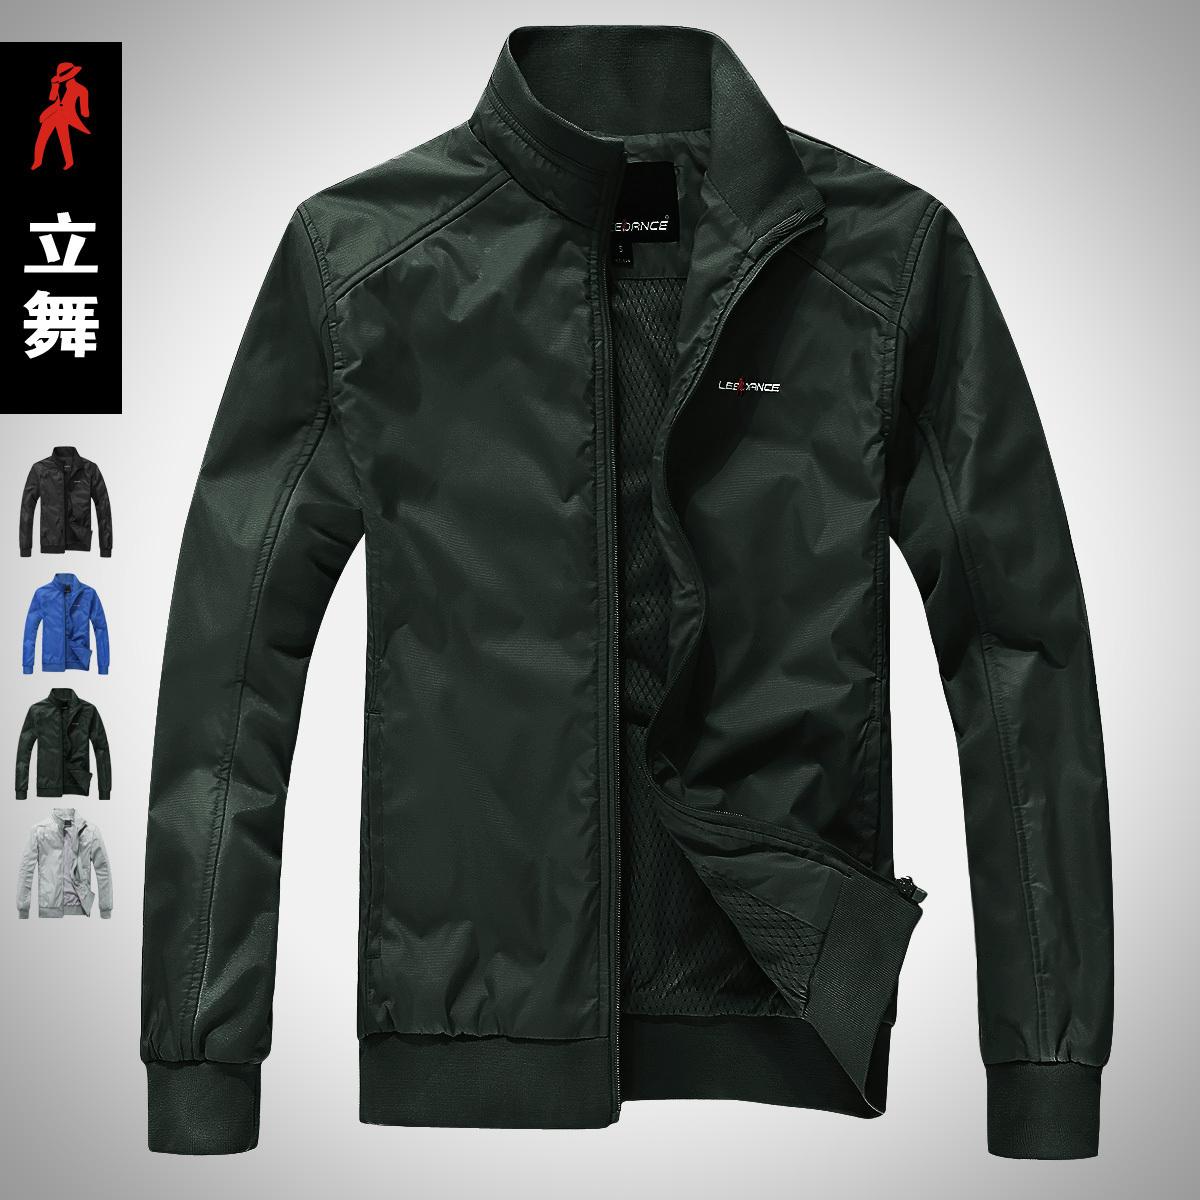 Куртка Established dance 2091 2012 Полиэстер Воротник-стойка Модная одежда для отдыха